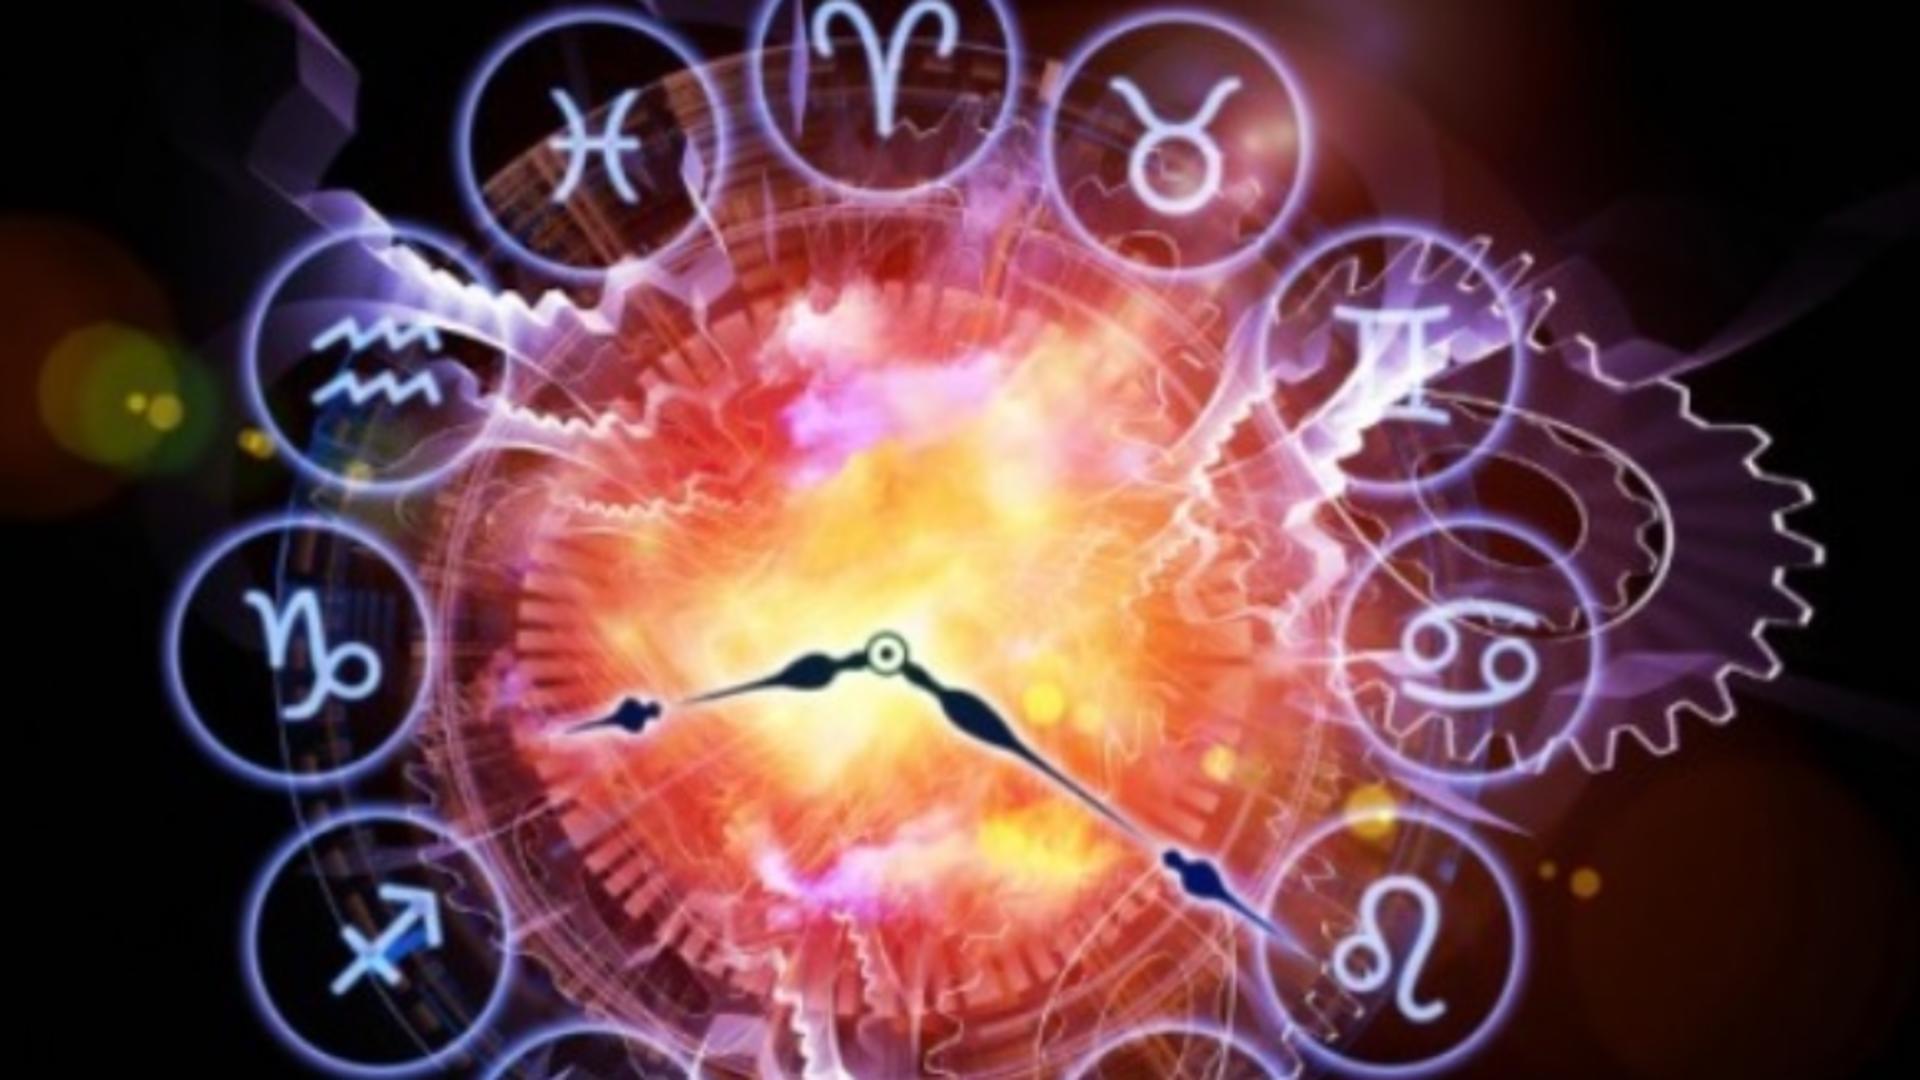 Careul cumpenelor: 5 zodii vor fi puse la grele încercări, în următoarele patru zile